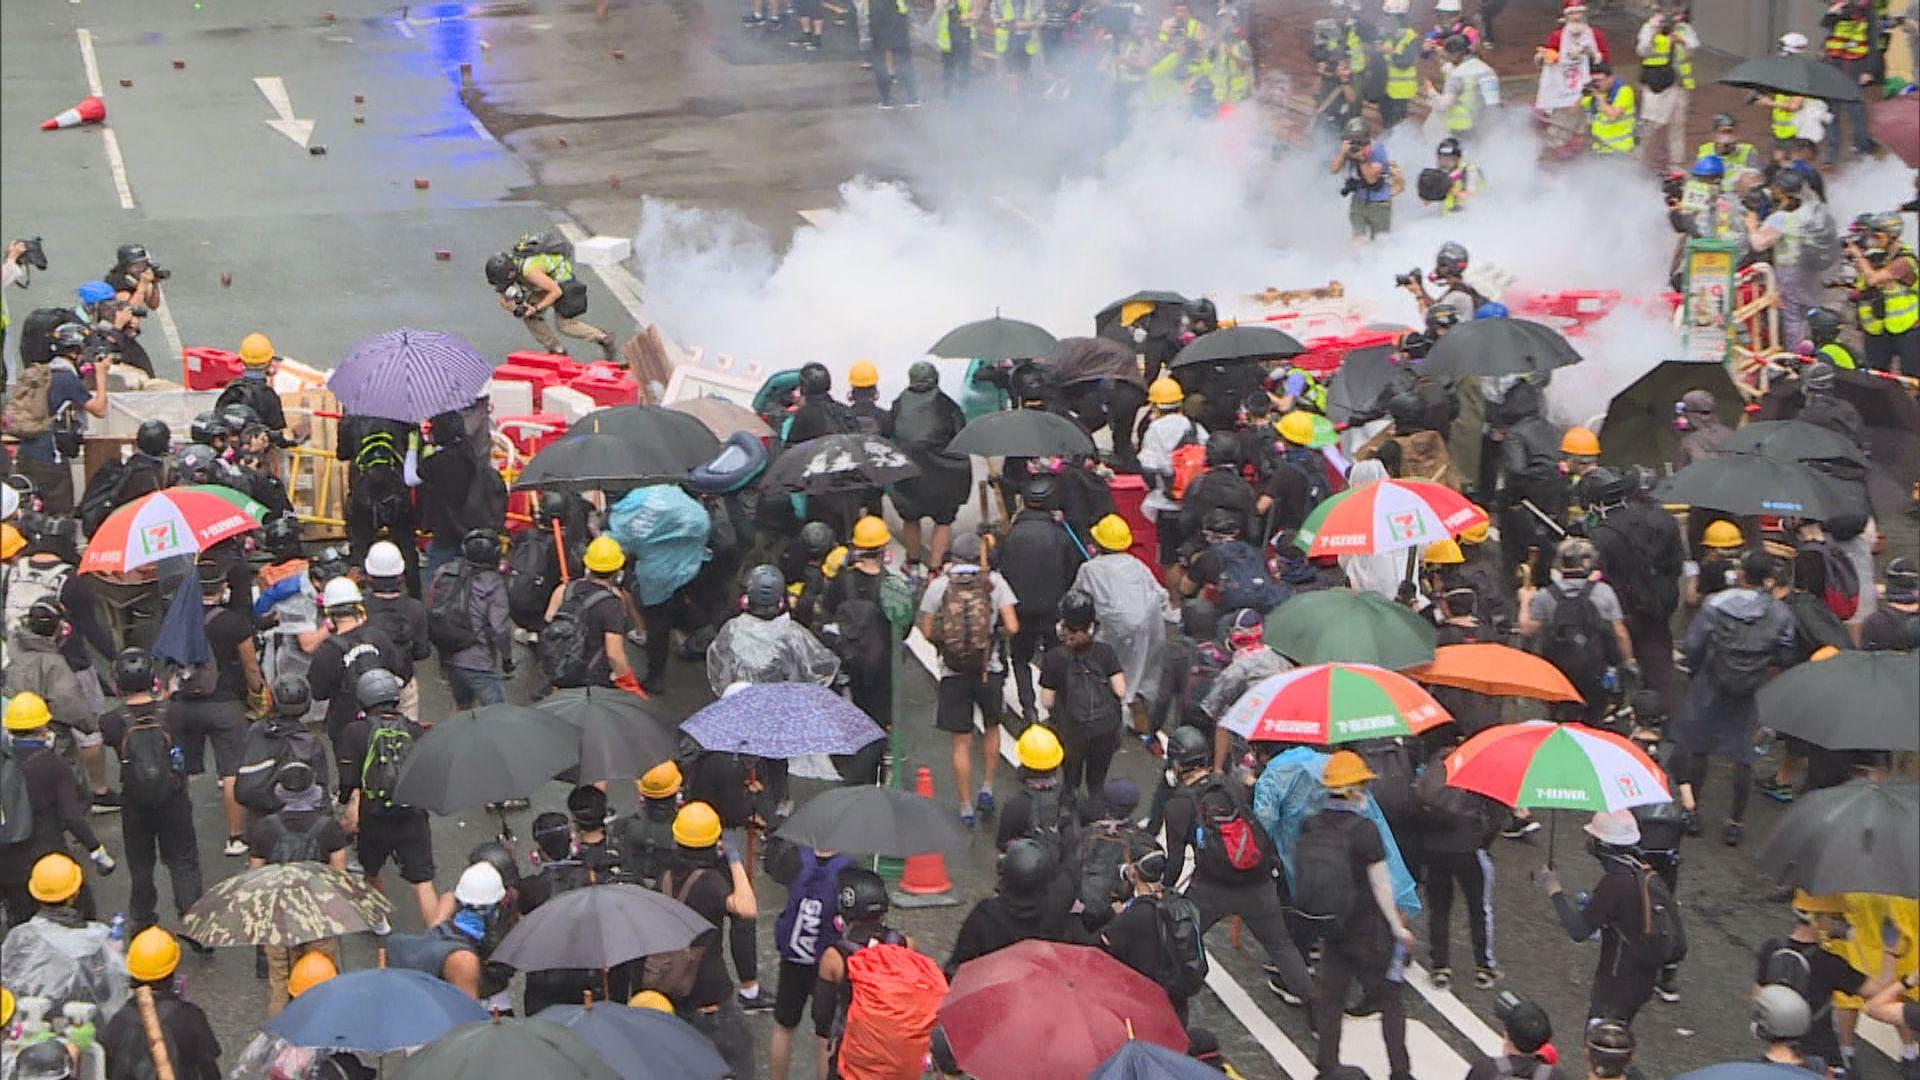 中聯辦:反中亂港勢力未清 仍有人美化暴力行為